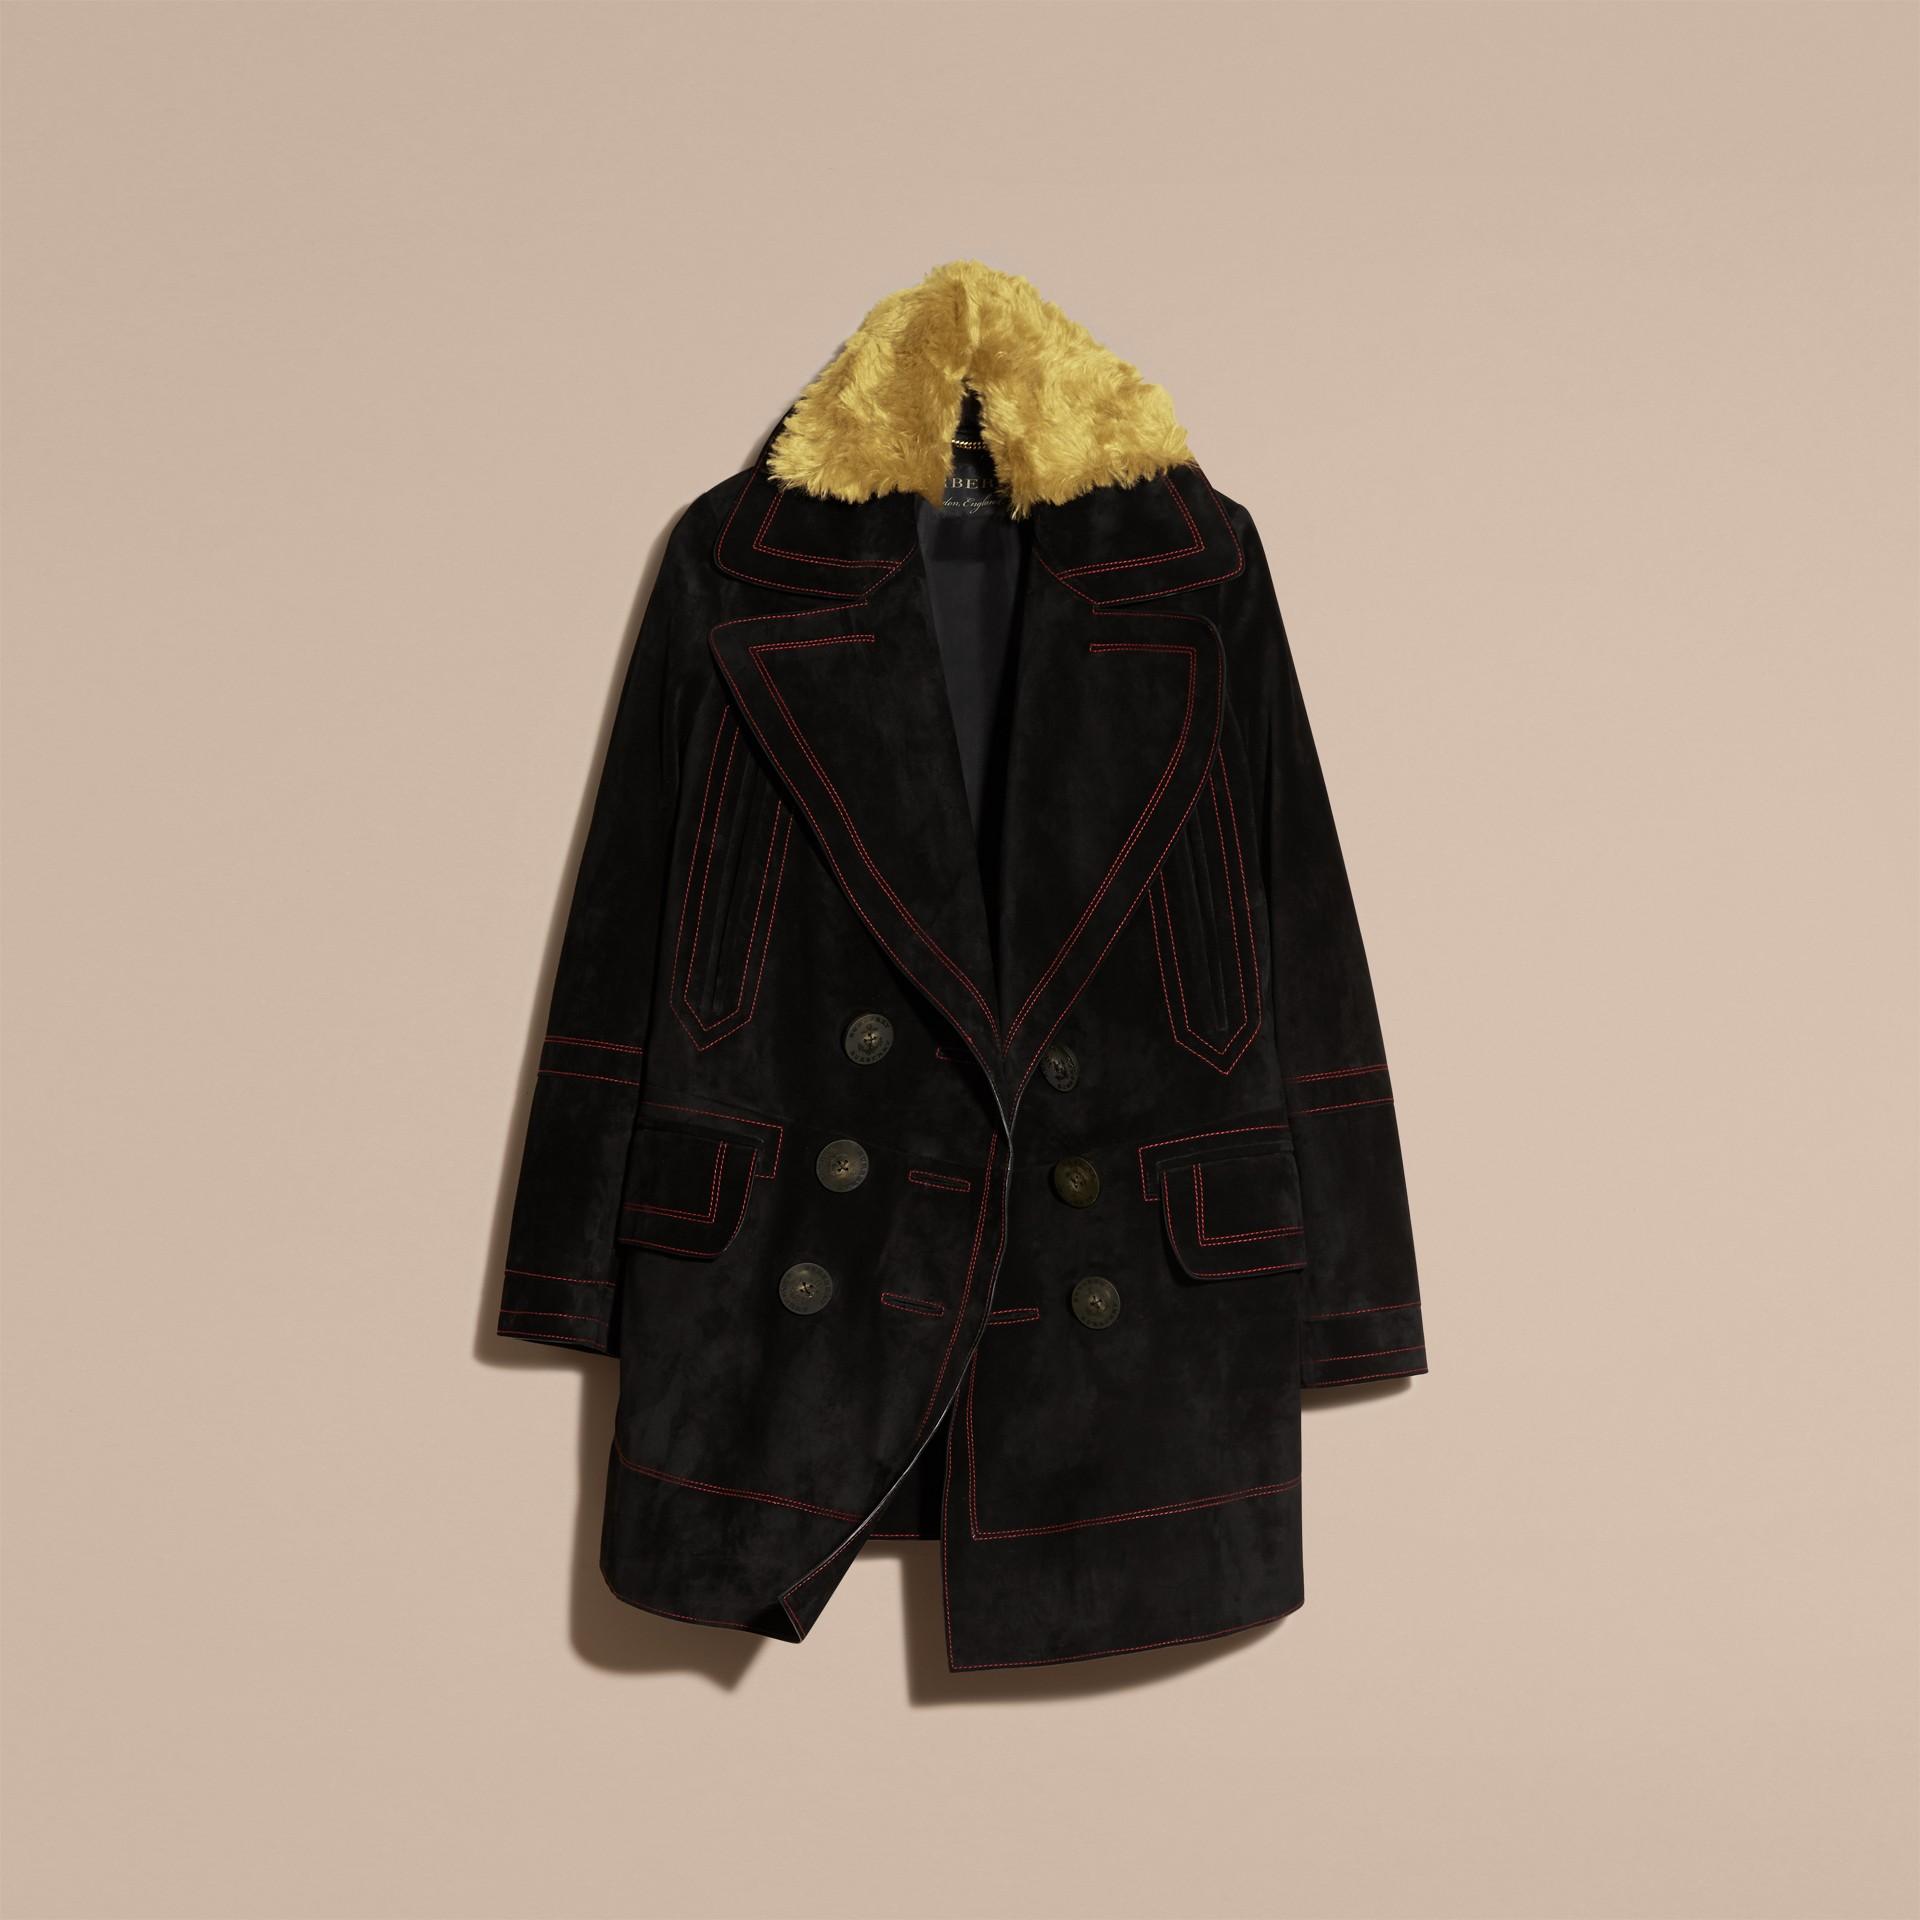 Preto Pea coat de camurça com colarinho de shearling - galeria de imagens 4